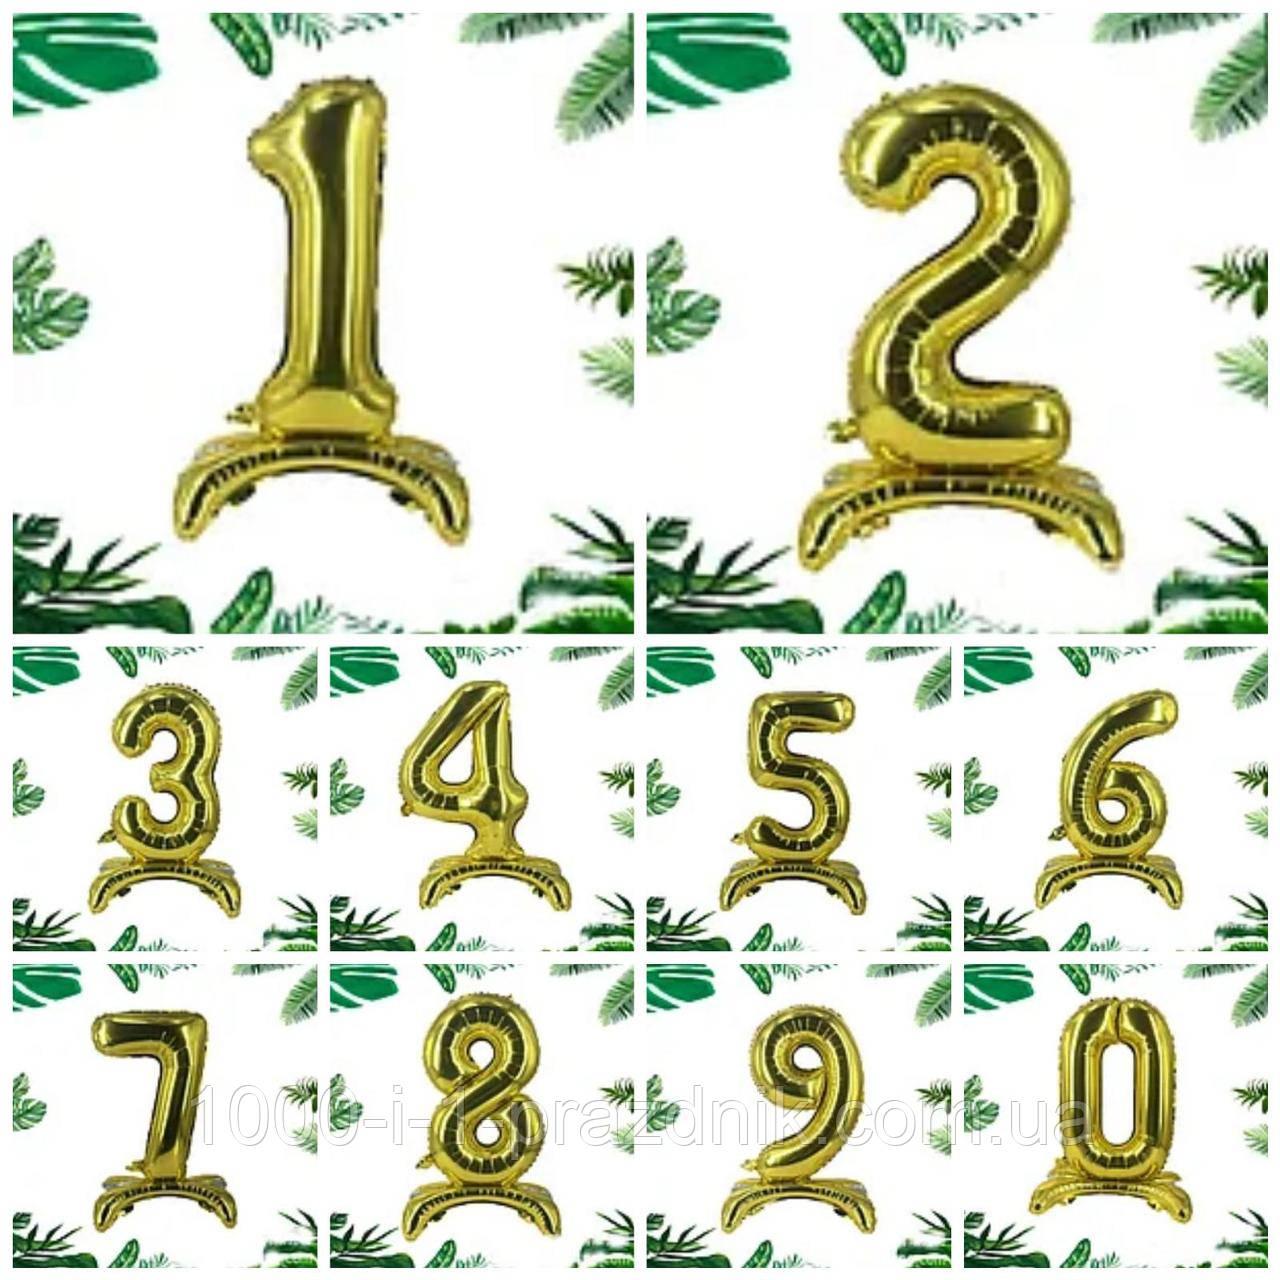 """Трёхмерная цифра на подставке  """"7""""    Золото"""